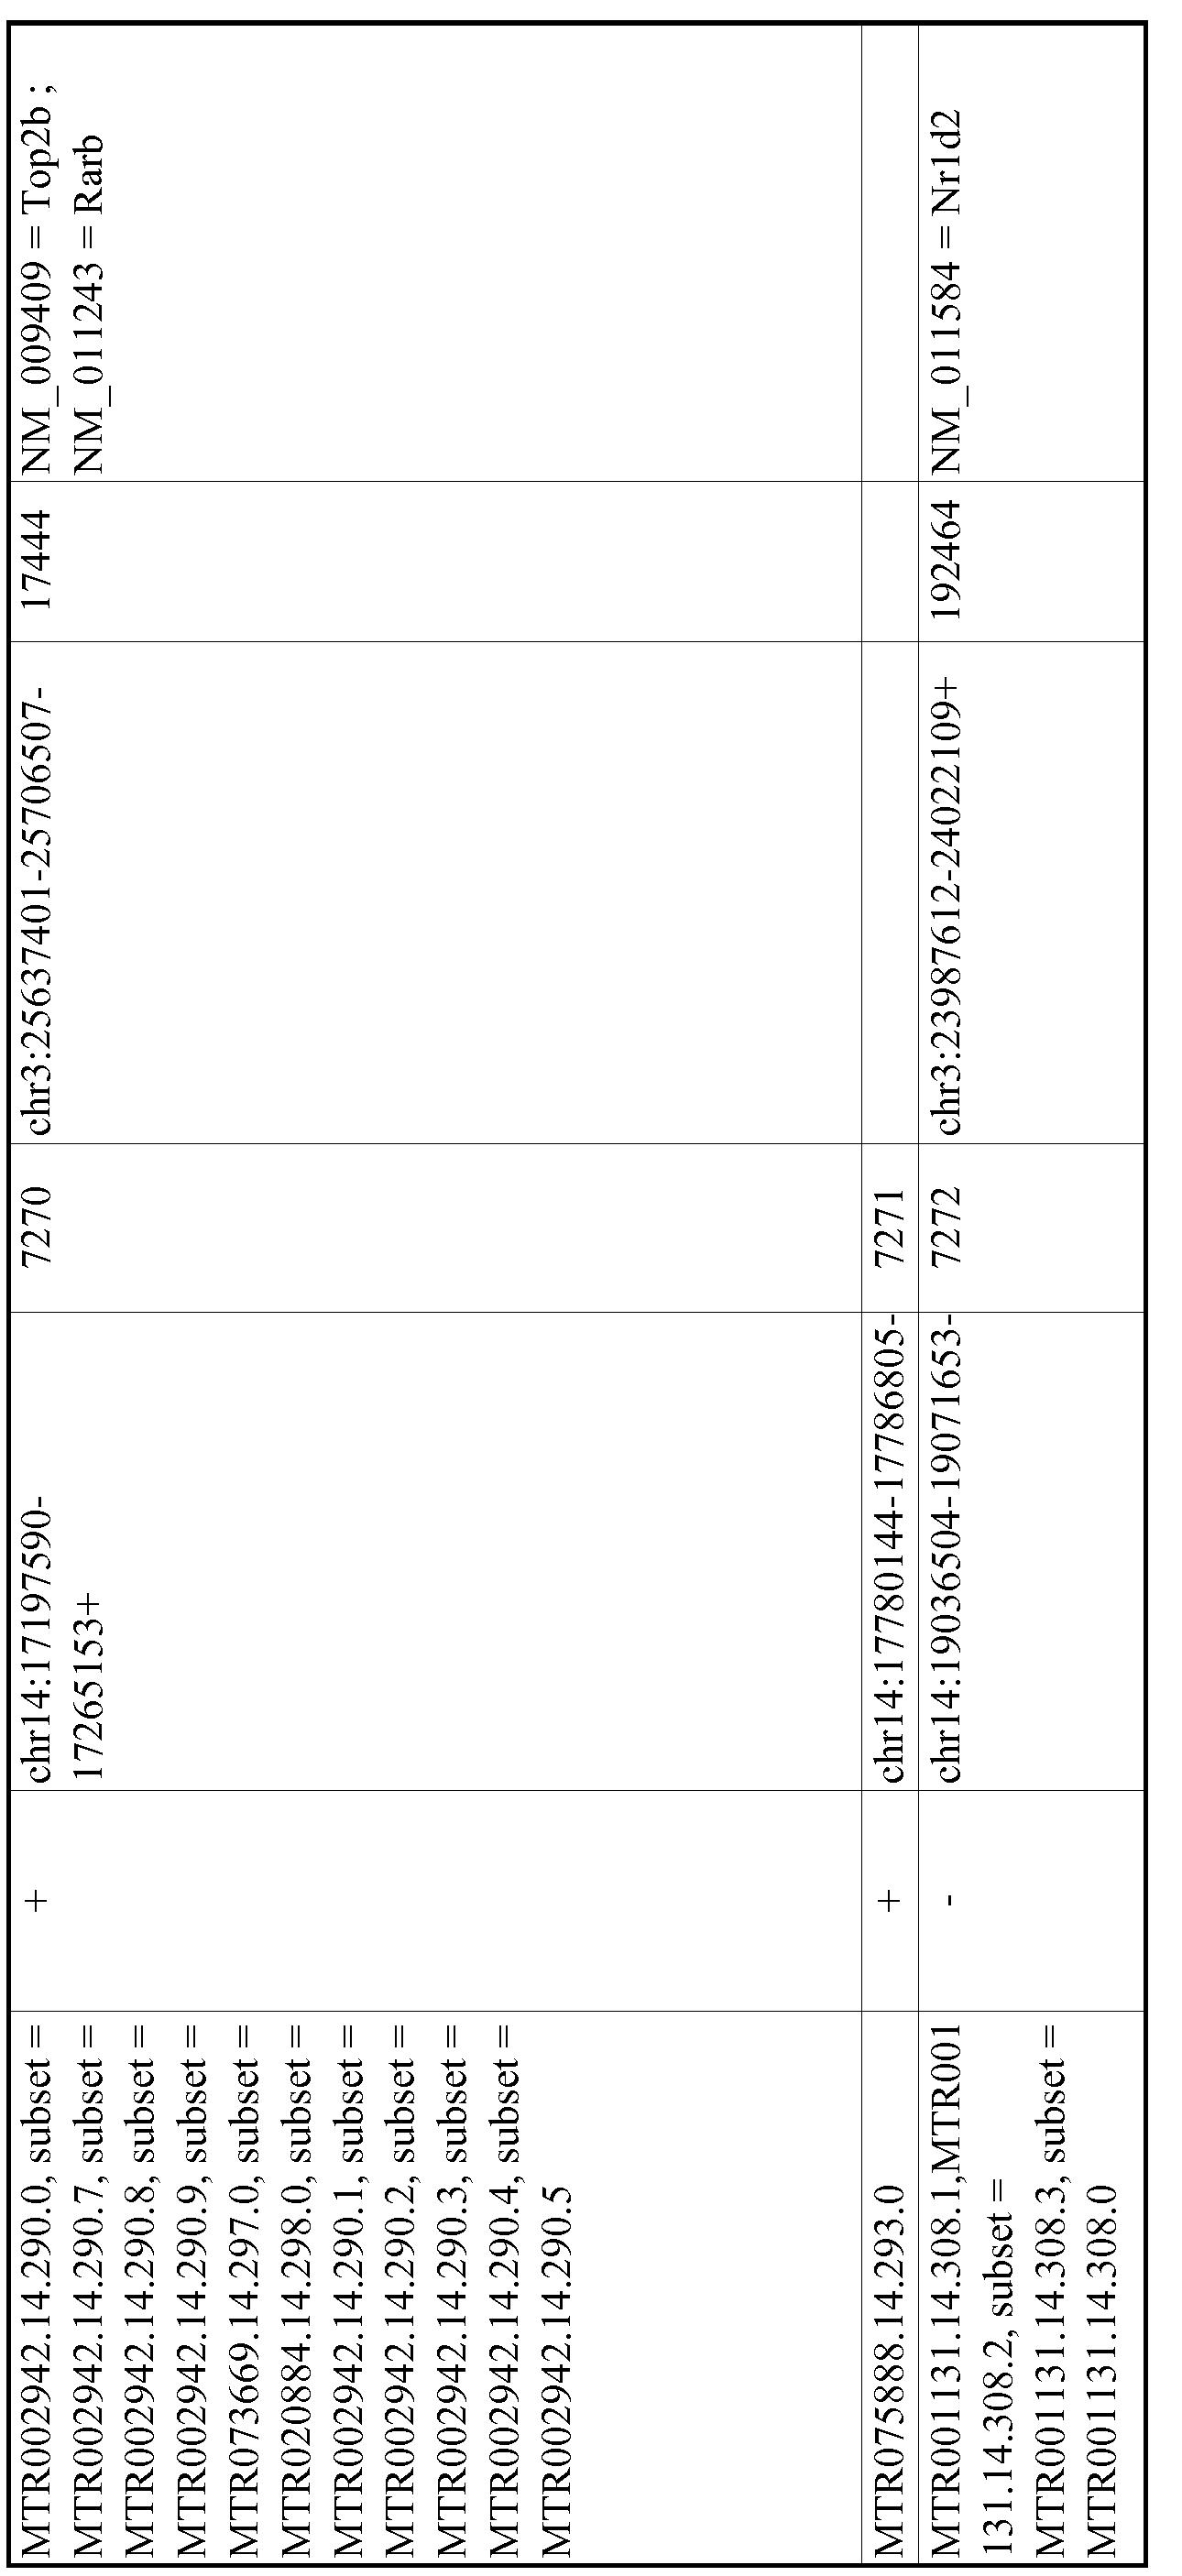 Figure imgf001271_0001